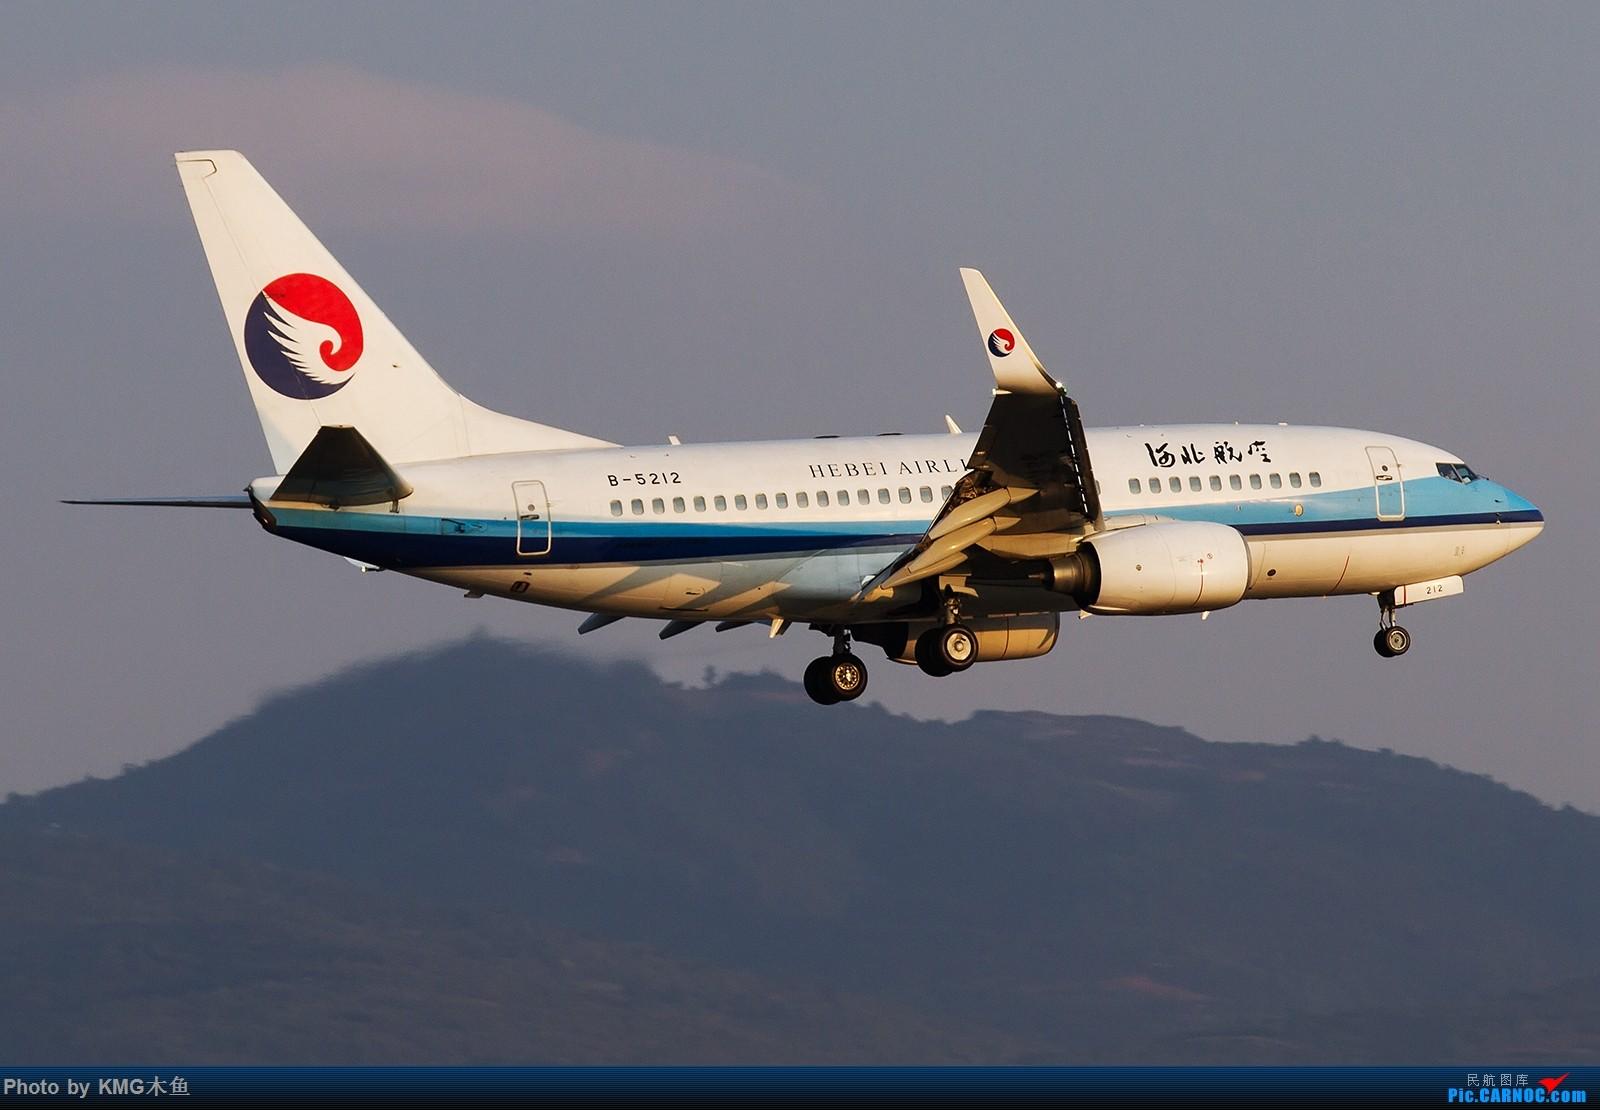 Re:[原创]【昆明长水国际机场——KMG木鱼拍机】向着功勋级出发,把库存图拿出来发了(高清大图) BOEING 737-700 B-5212 中国昆明长水国际机场